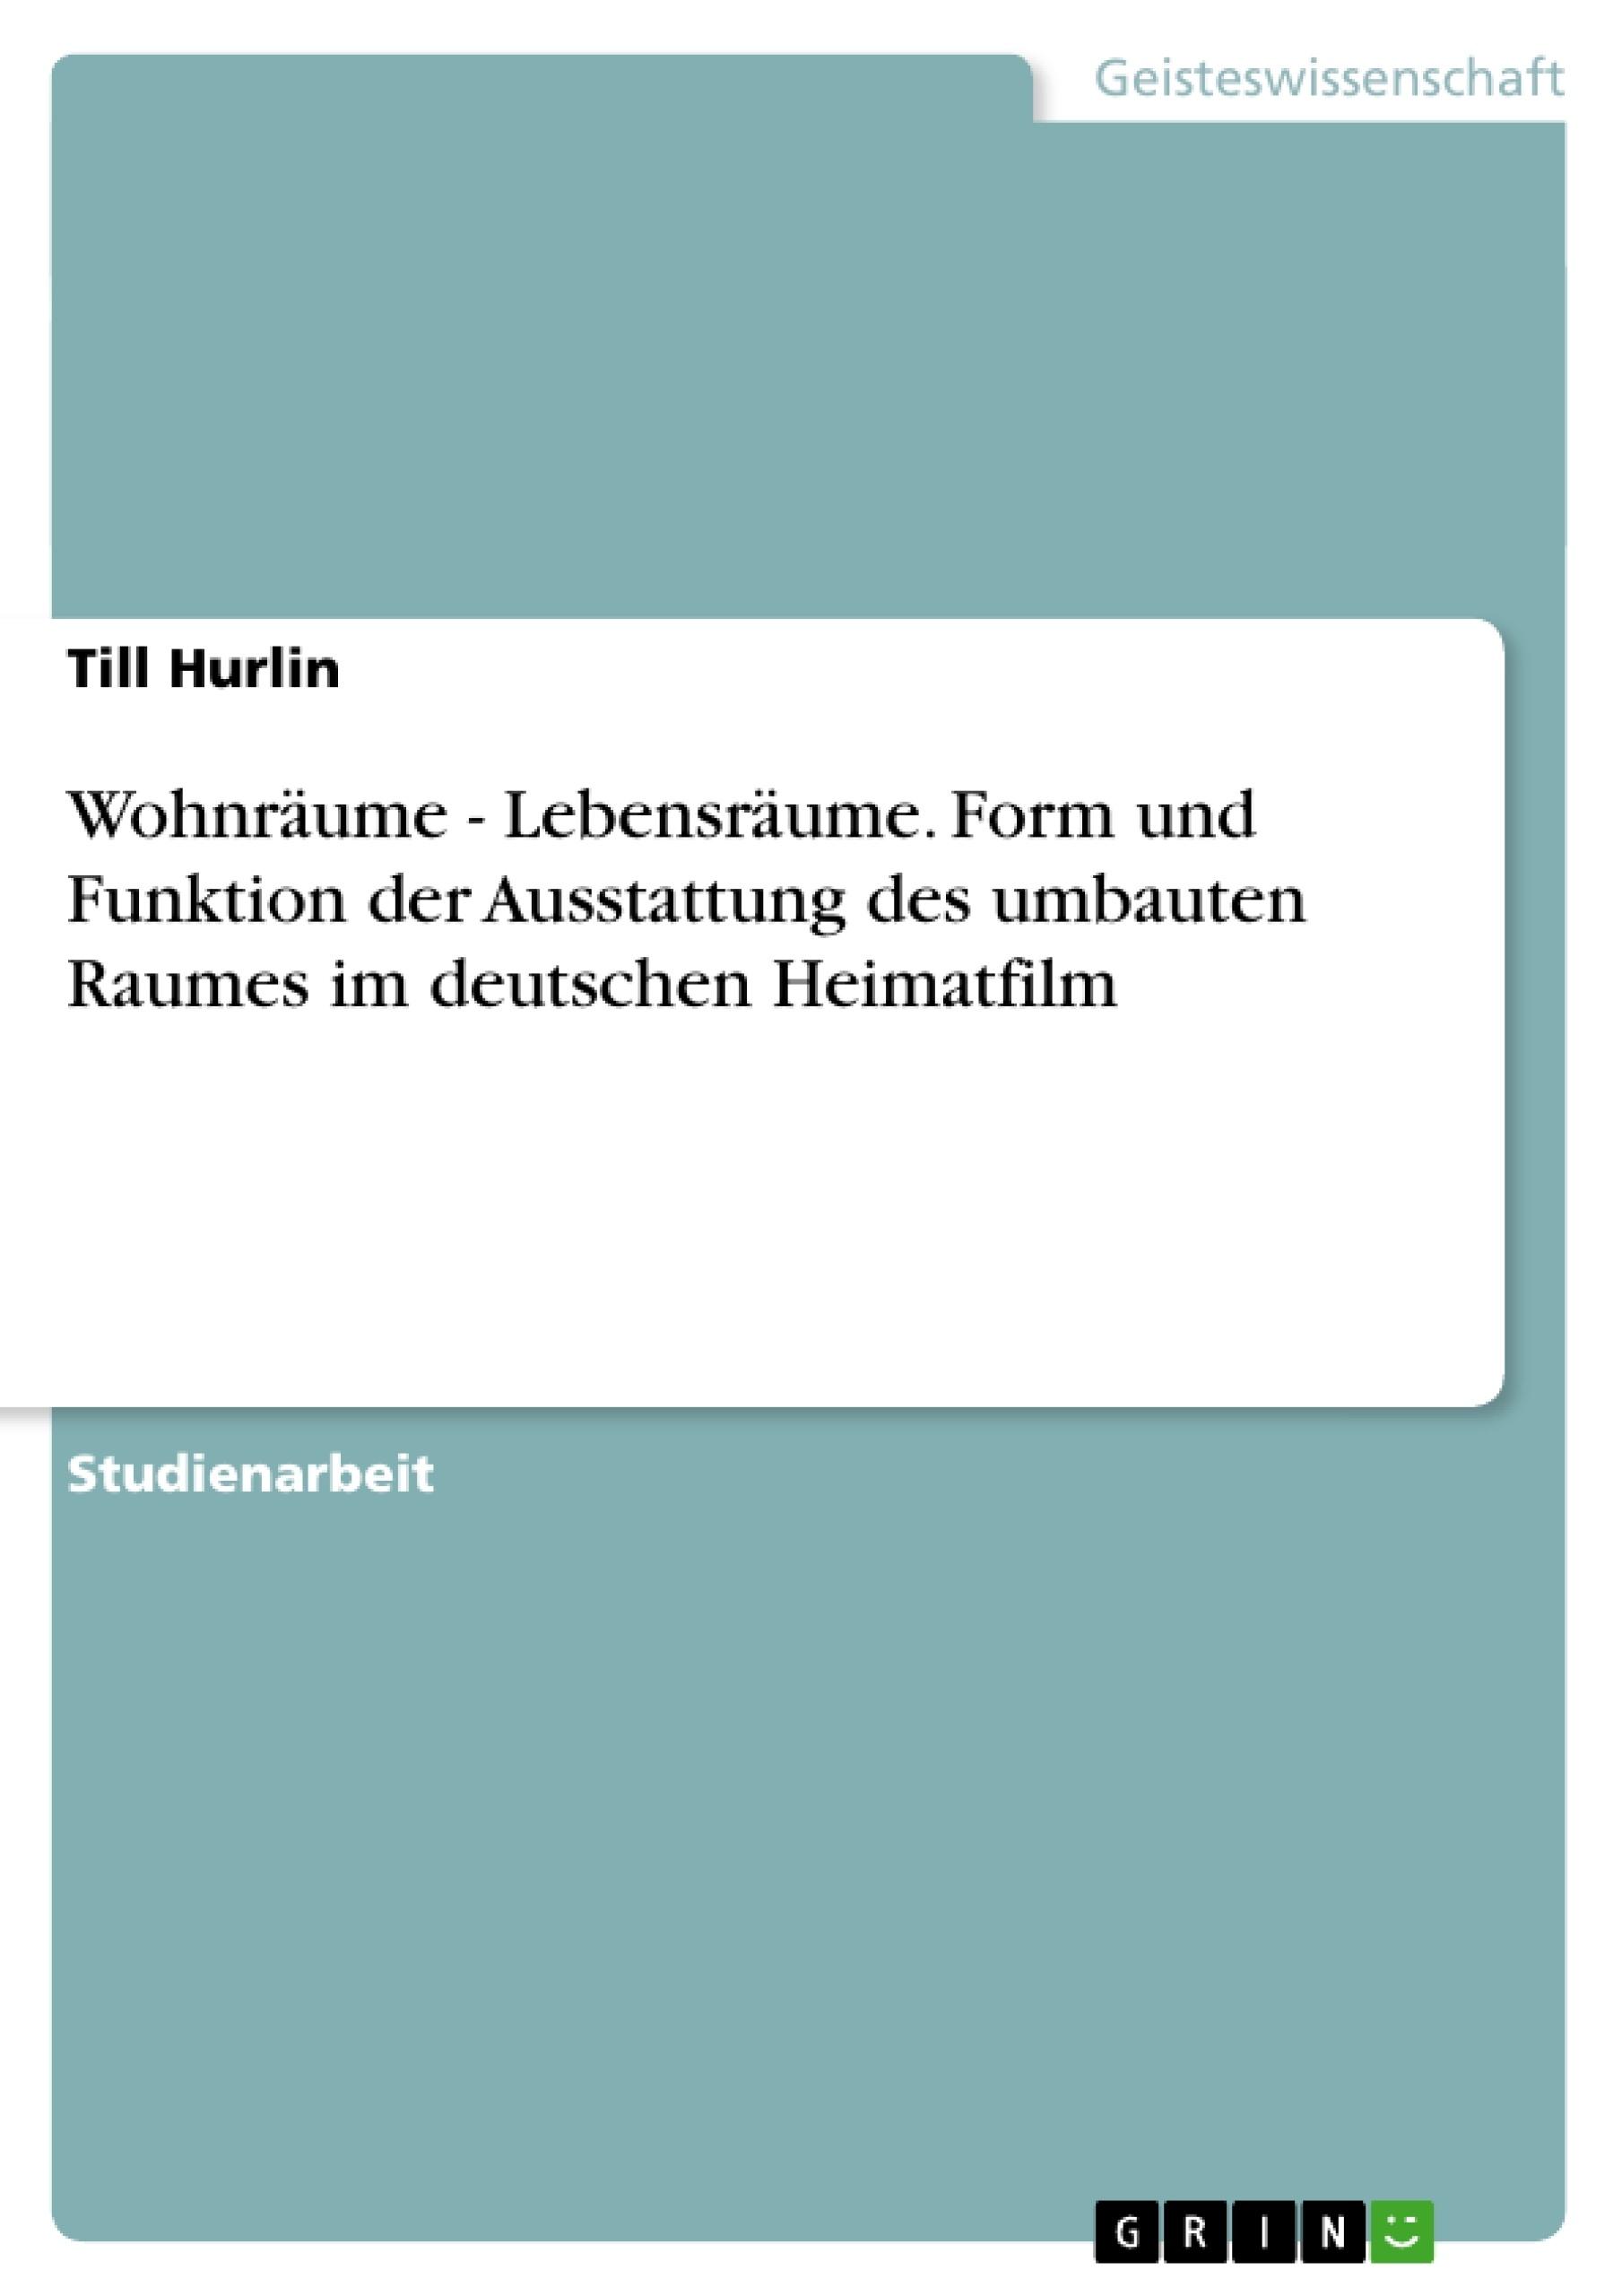 Titel: Wohnräume - Lebensräume. Form und Funktion der Ausstattung des umbauten Raumes im deutschen Heimatfilm